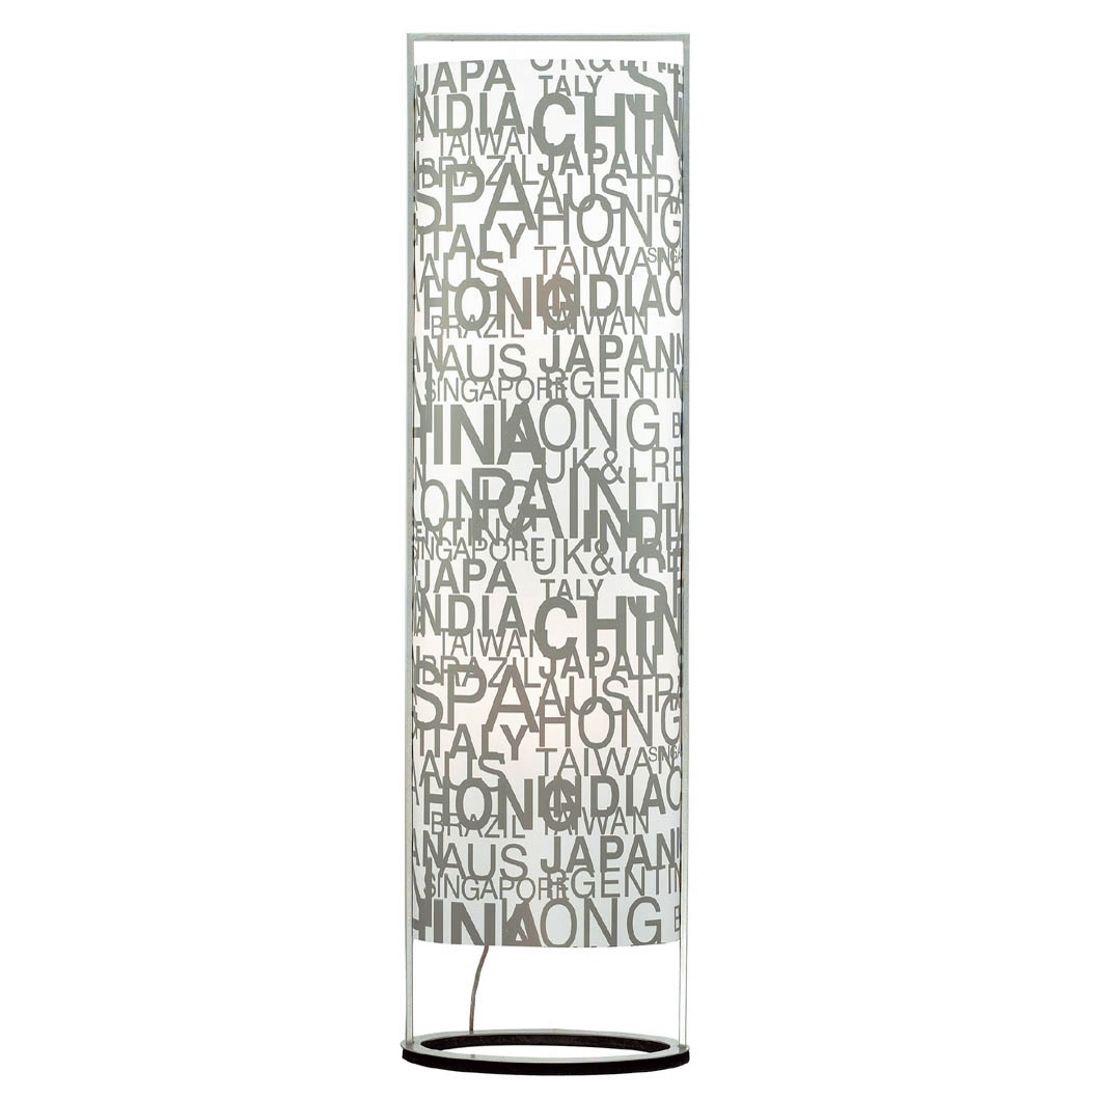 EEK A++, Lampadaire Sign - 1 ampoule - Caractères décoratifs - Métal / Plastique - Blanc / Gris, Paul Neuhaus